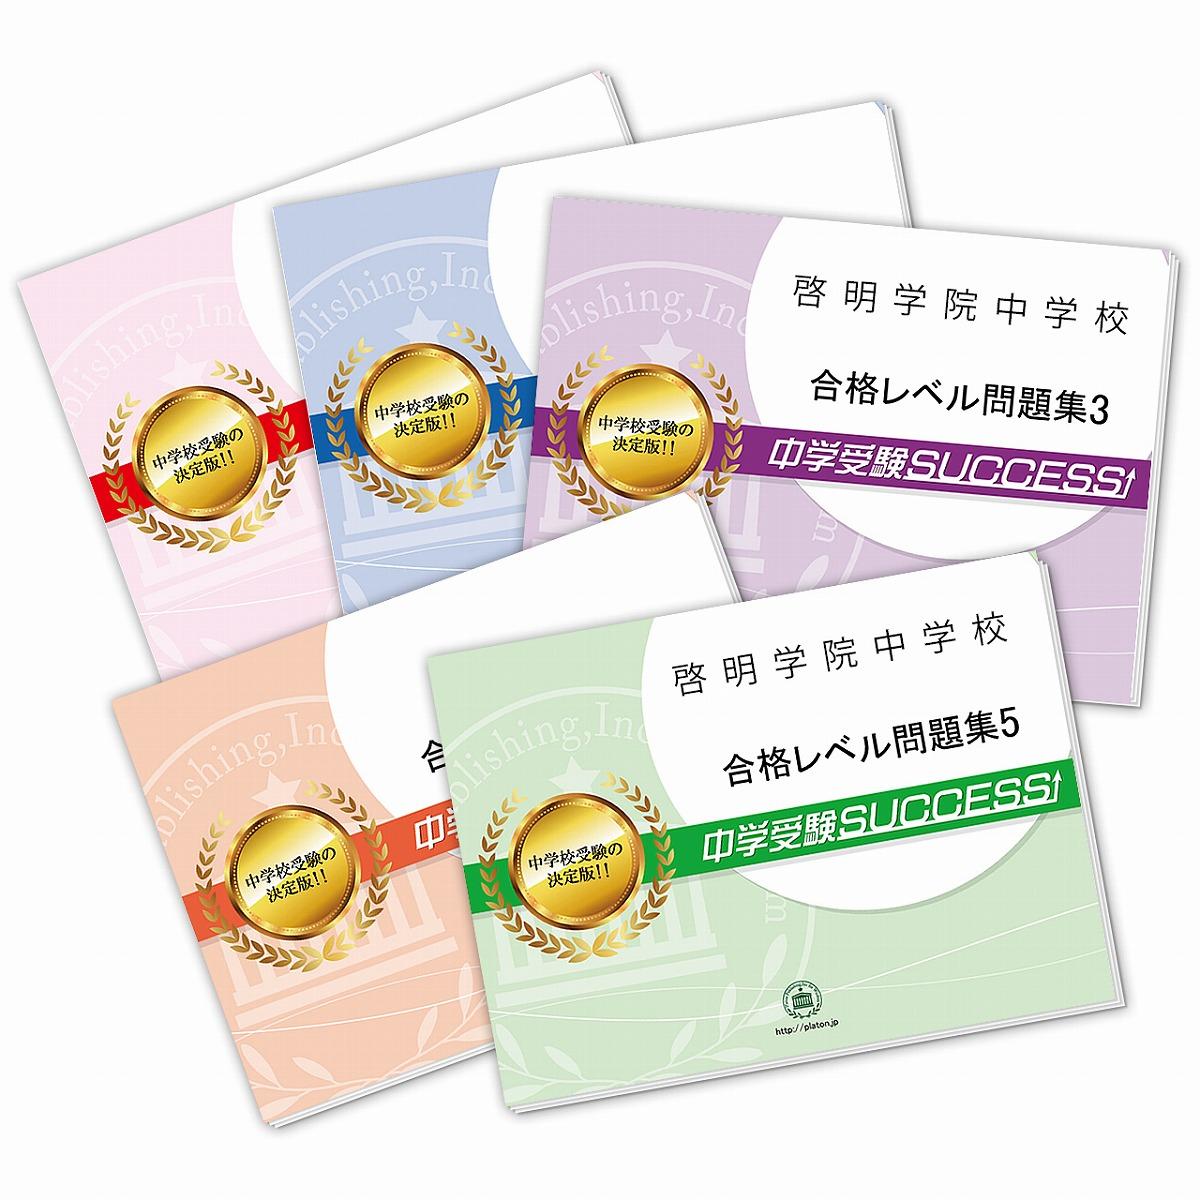 【送料・代引手数料無料】啓明学院中学校(神戸市)・直前対策合格セット(5冊)